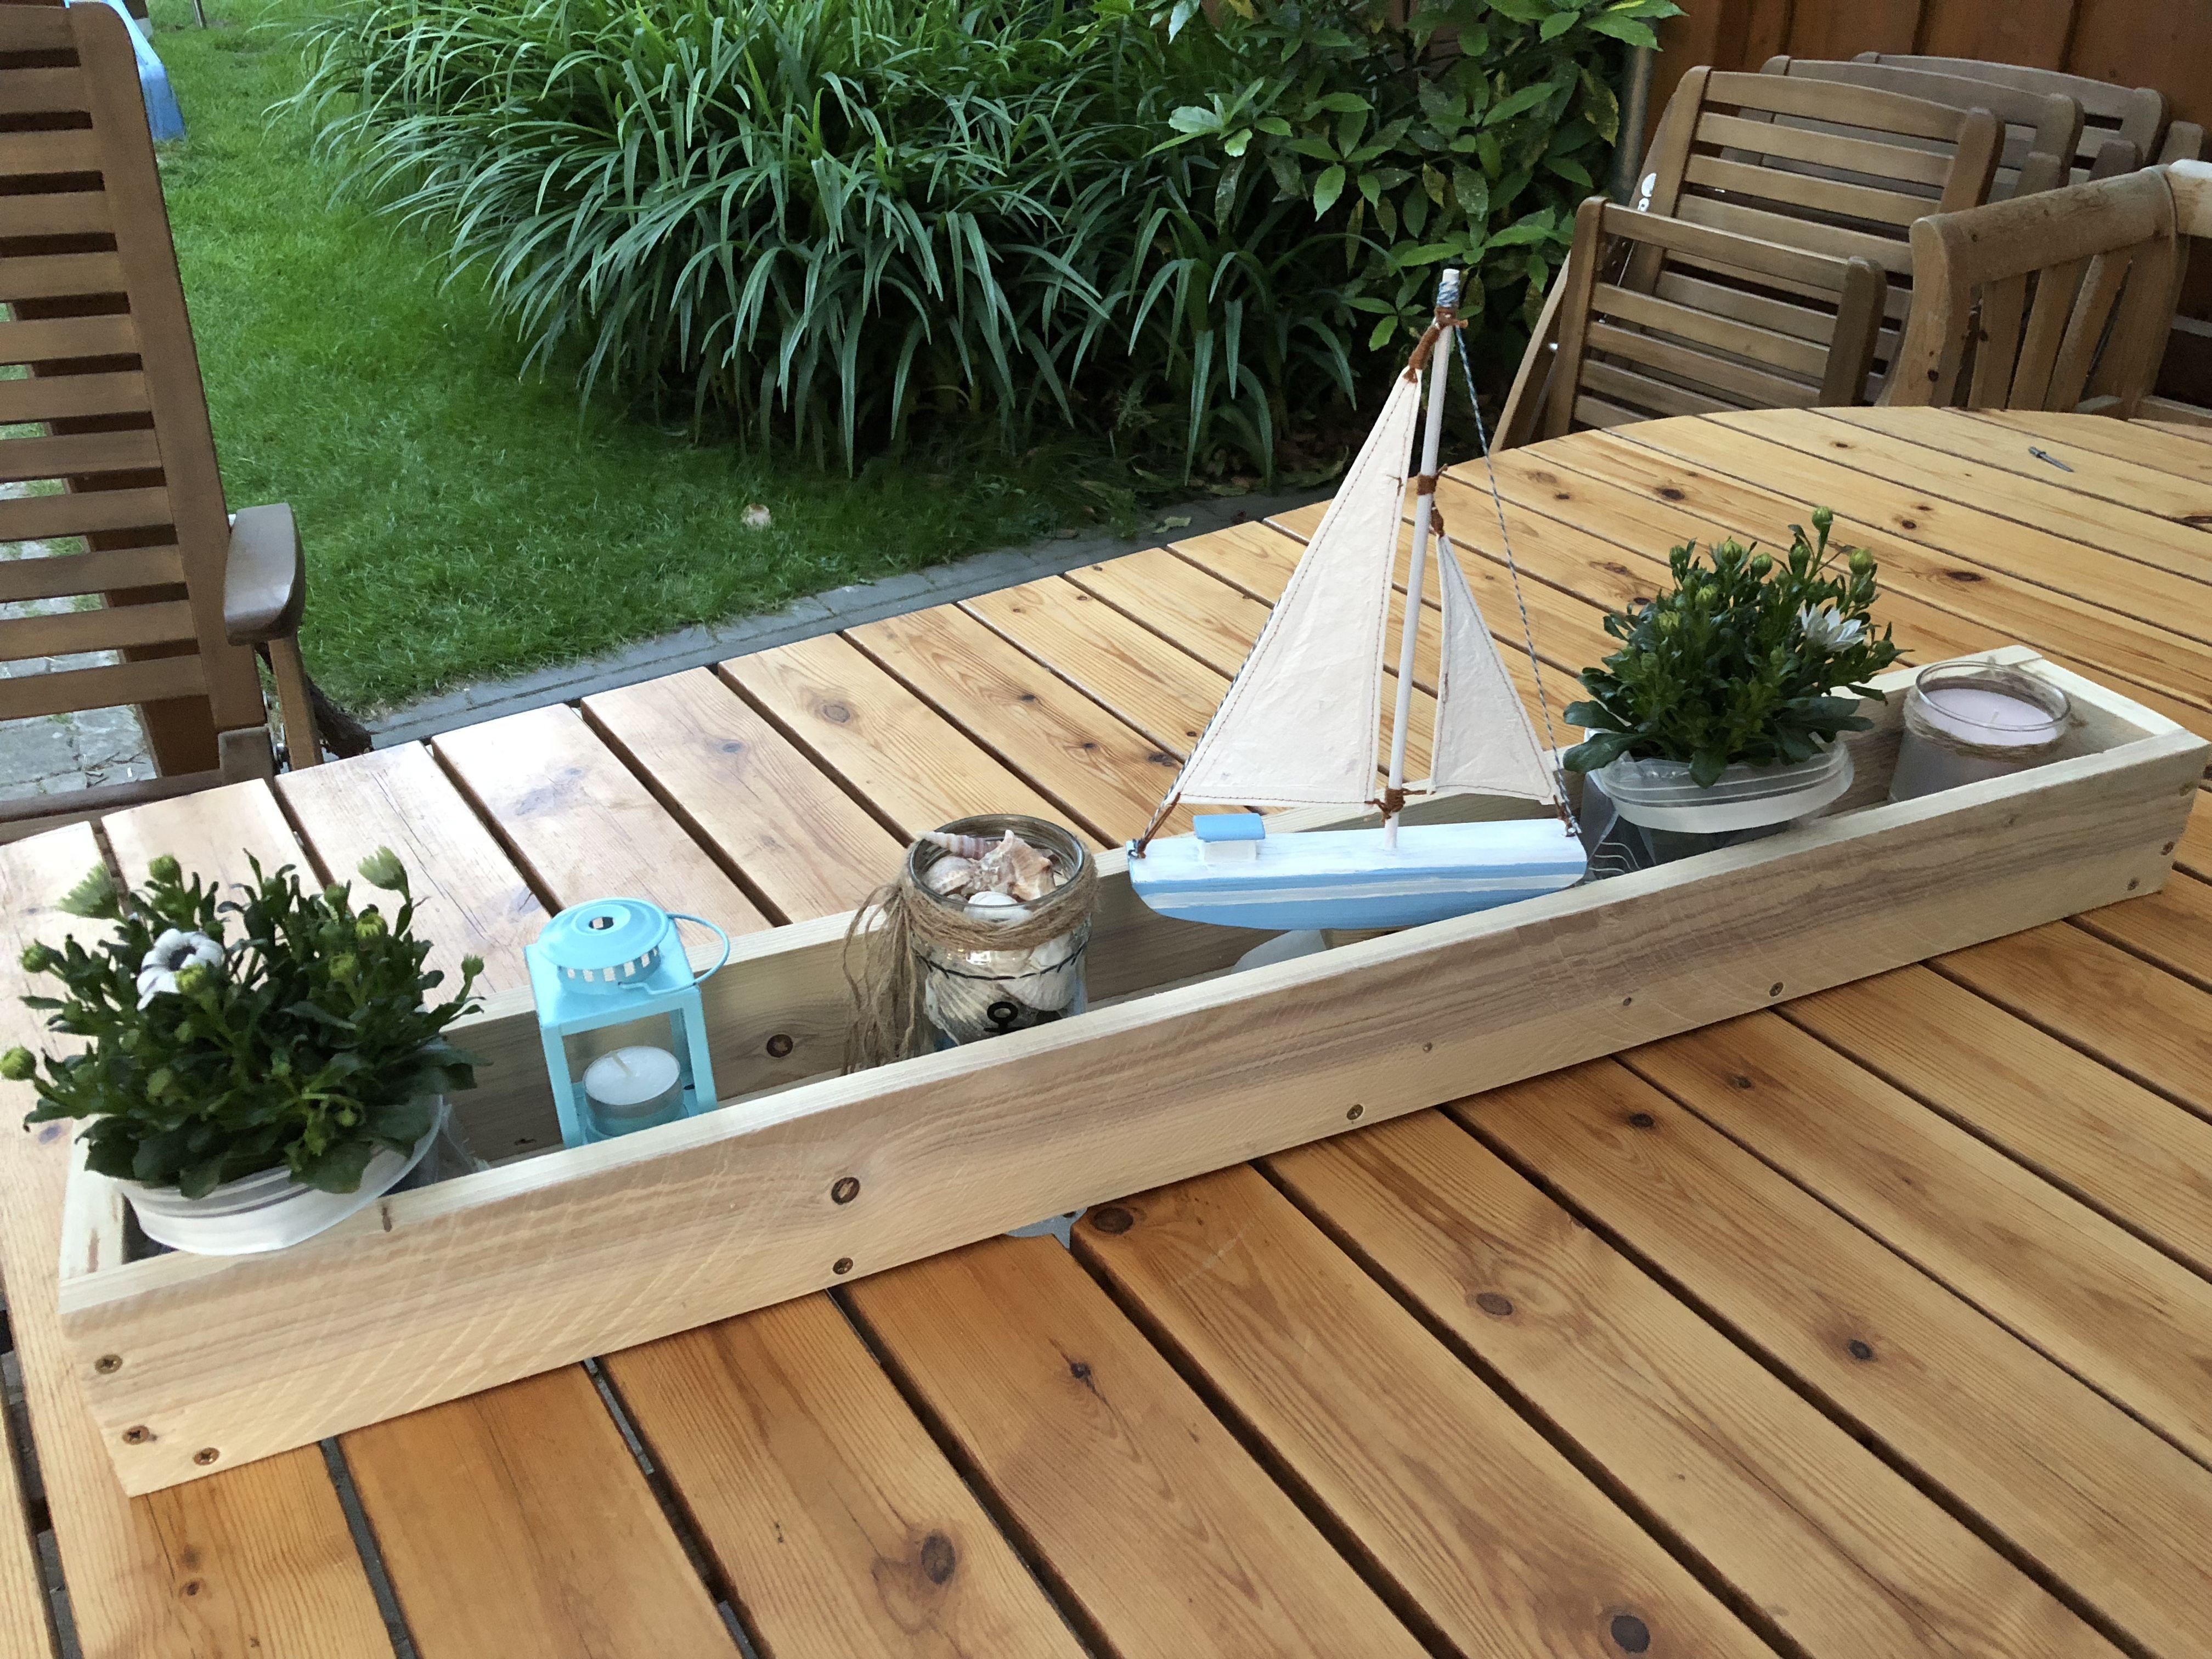 Tablett Aus Palettenholz Mit Selbstgebautem Schiff Bauen Mit Holz Holz Deko Holz